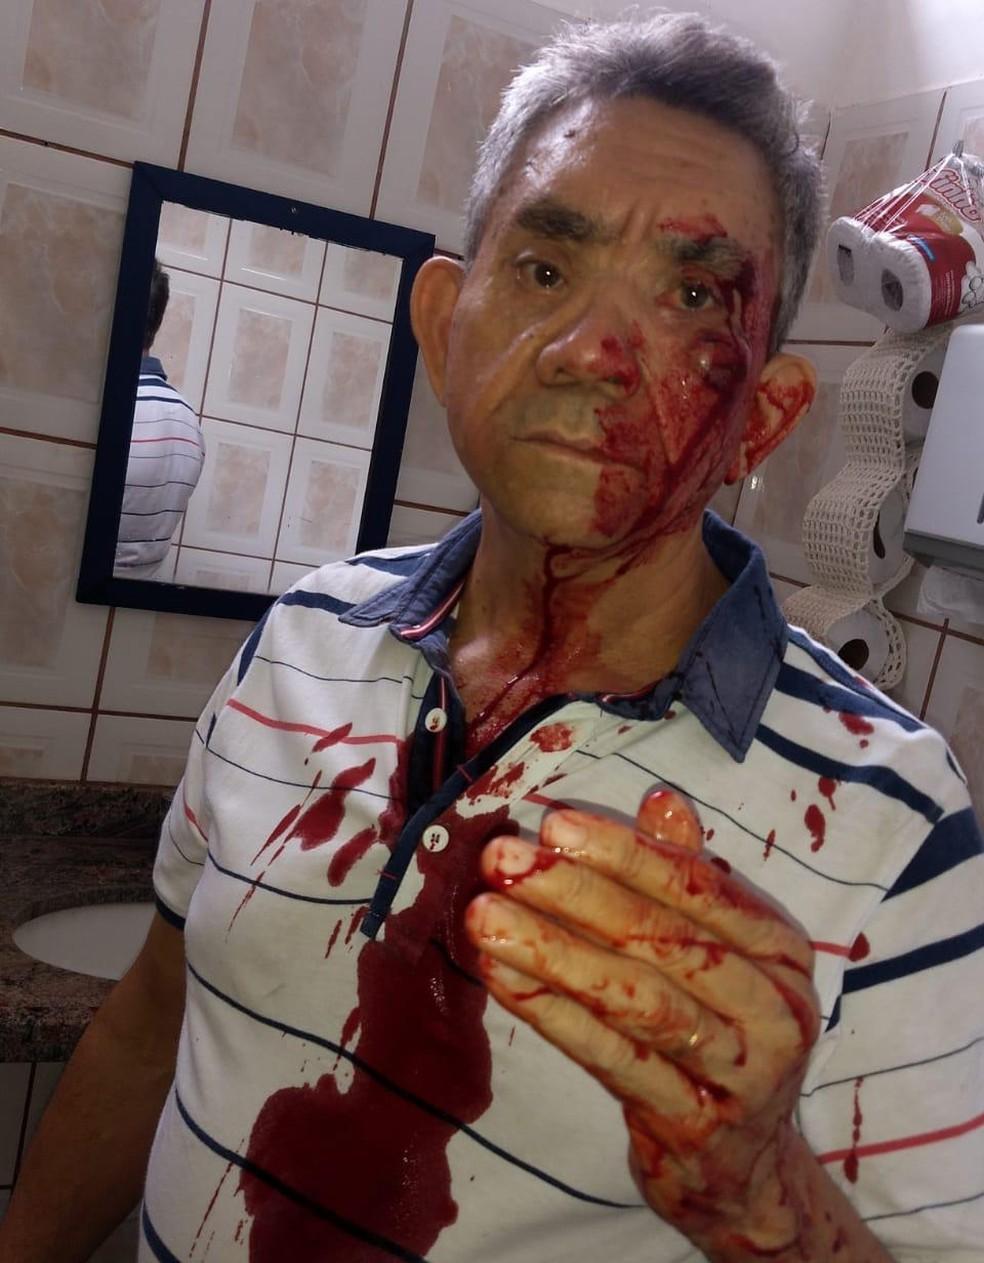 """O professor Paulo Rafael Procópio, de 62 anos, ensanguentado no banheiro da escola após a agressão: """"Decepção"""" — Foto: Arquivo pessoal"""